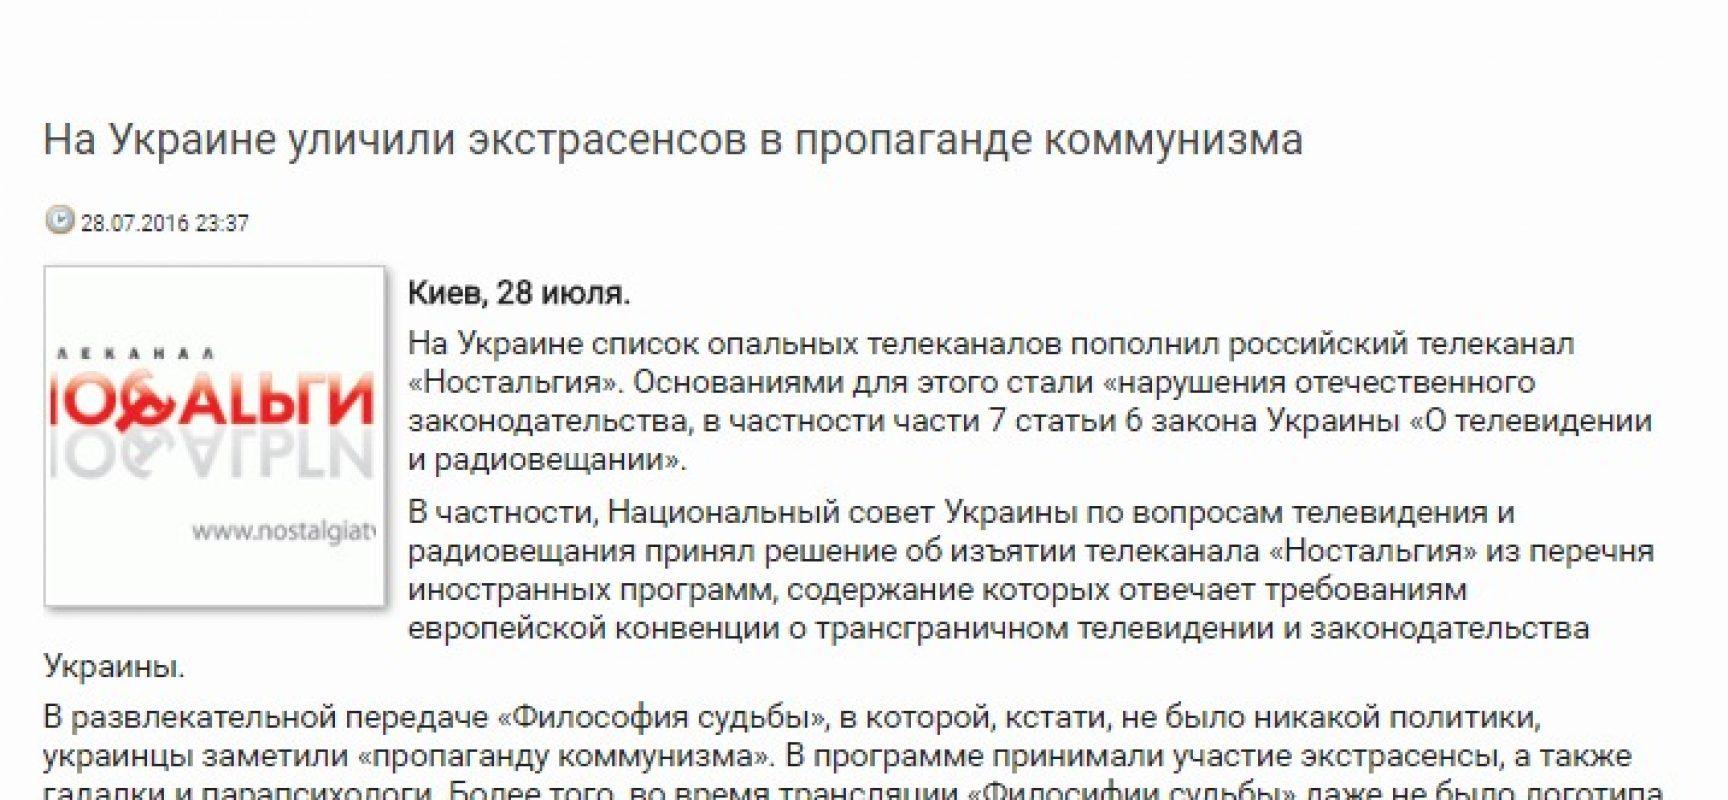 Fake : L'Ucraina vede il comunismo ovunque